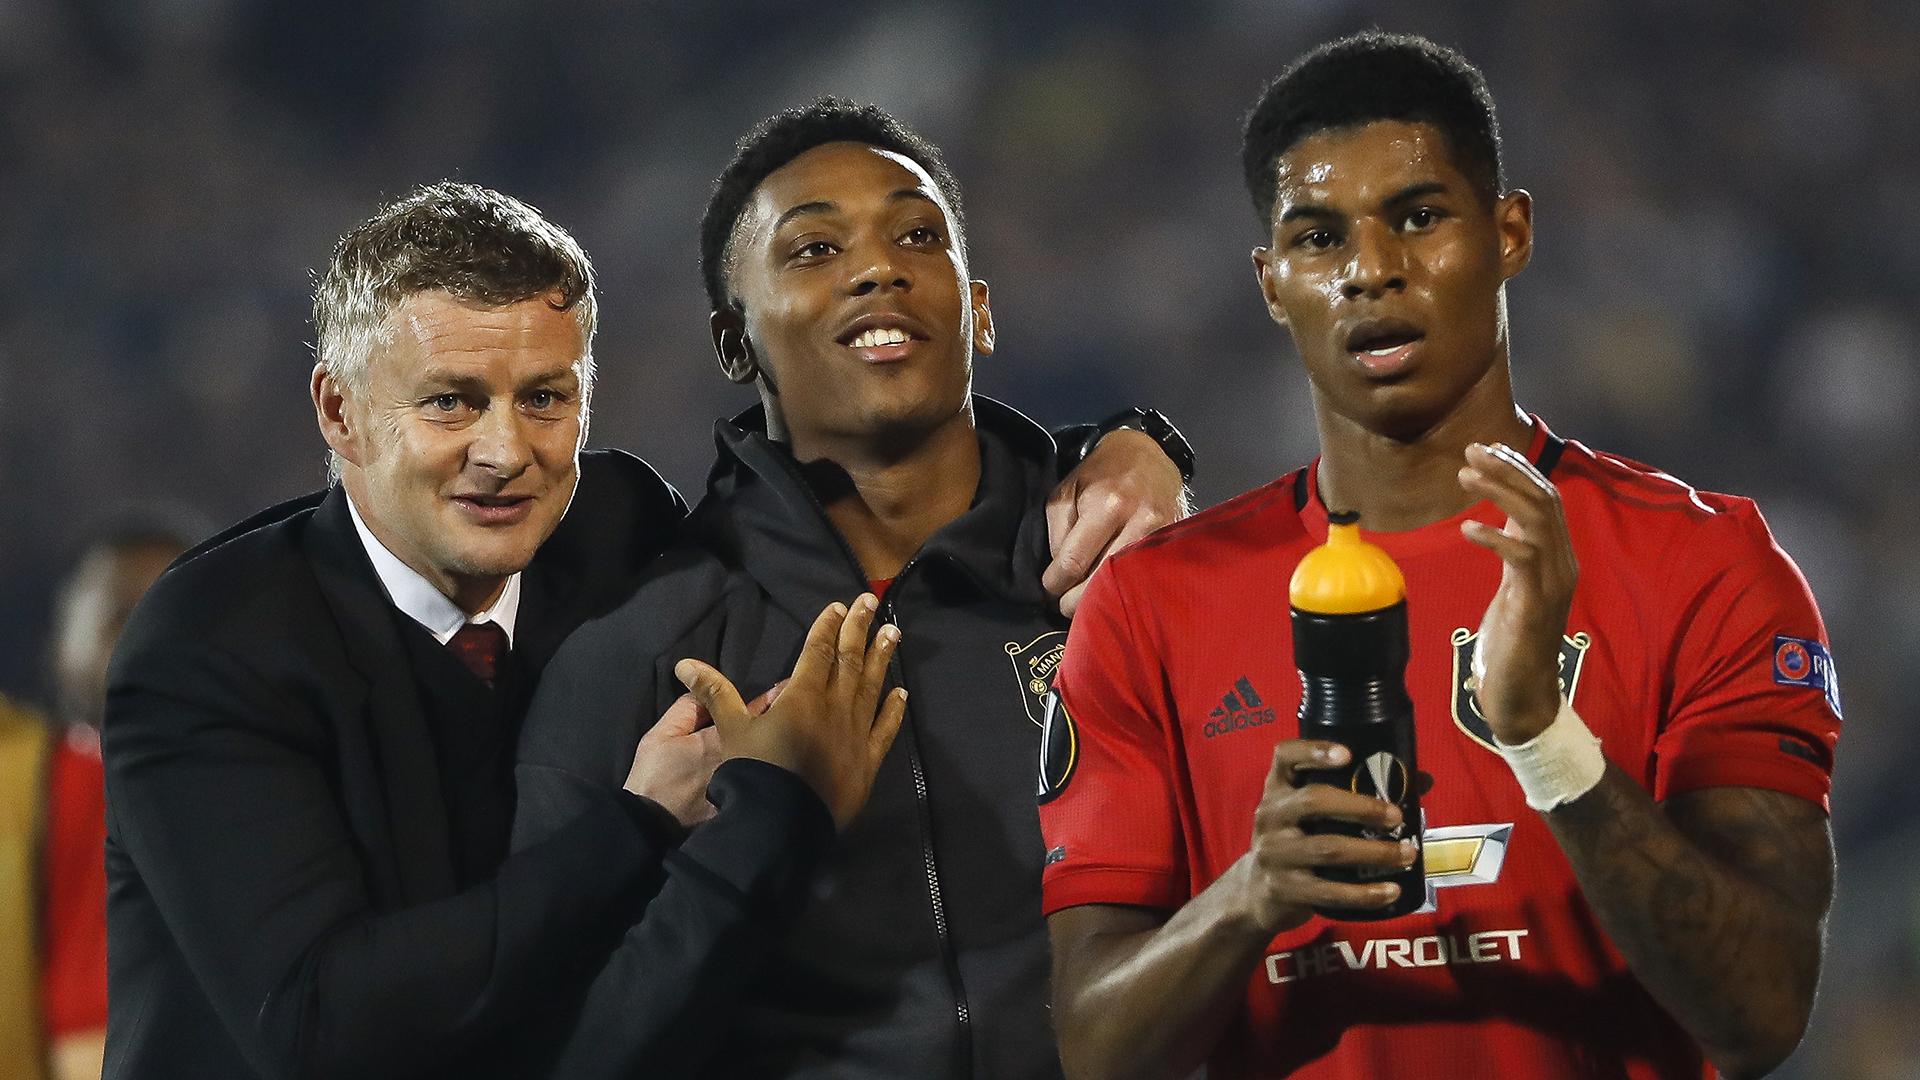 'Martial is vital for Man Utd & Rashford needs time' - Solskjaer has faith in frontmen